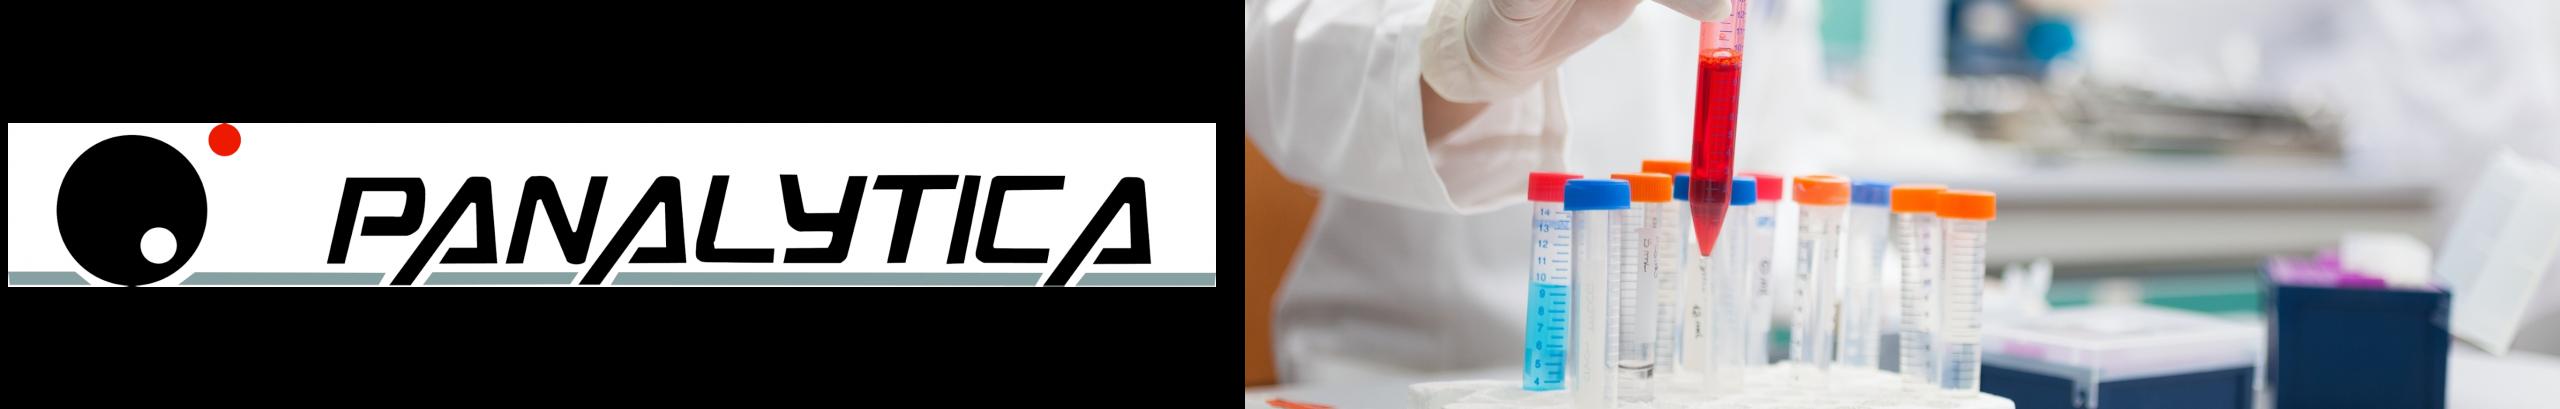 Panalytica – analityka chemiczna i biotechnologia